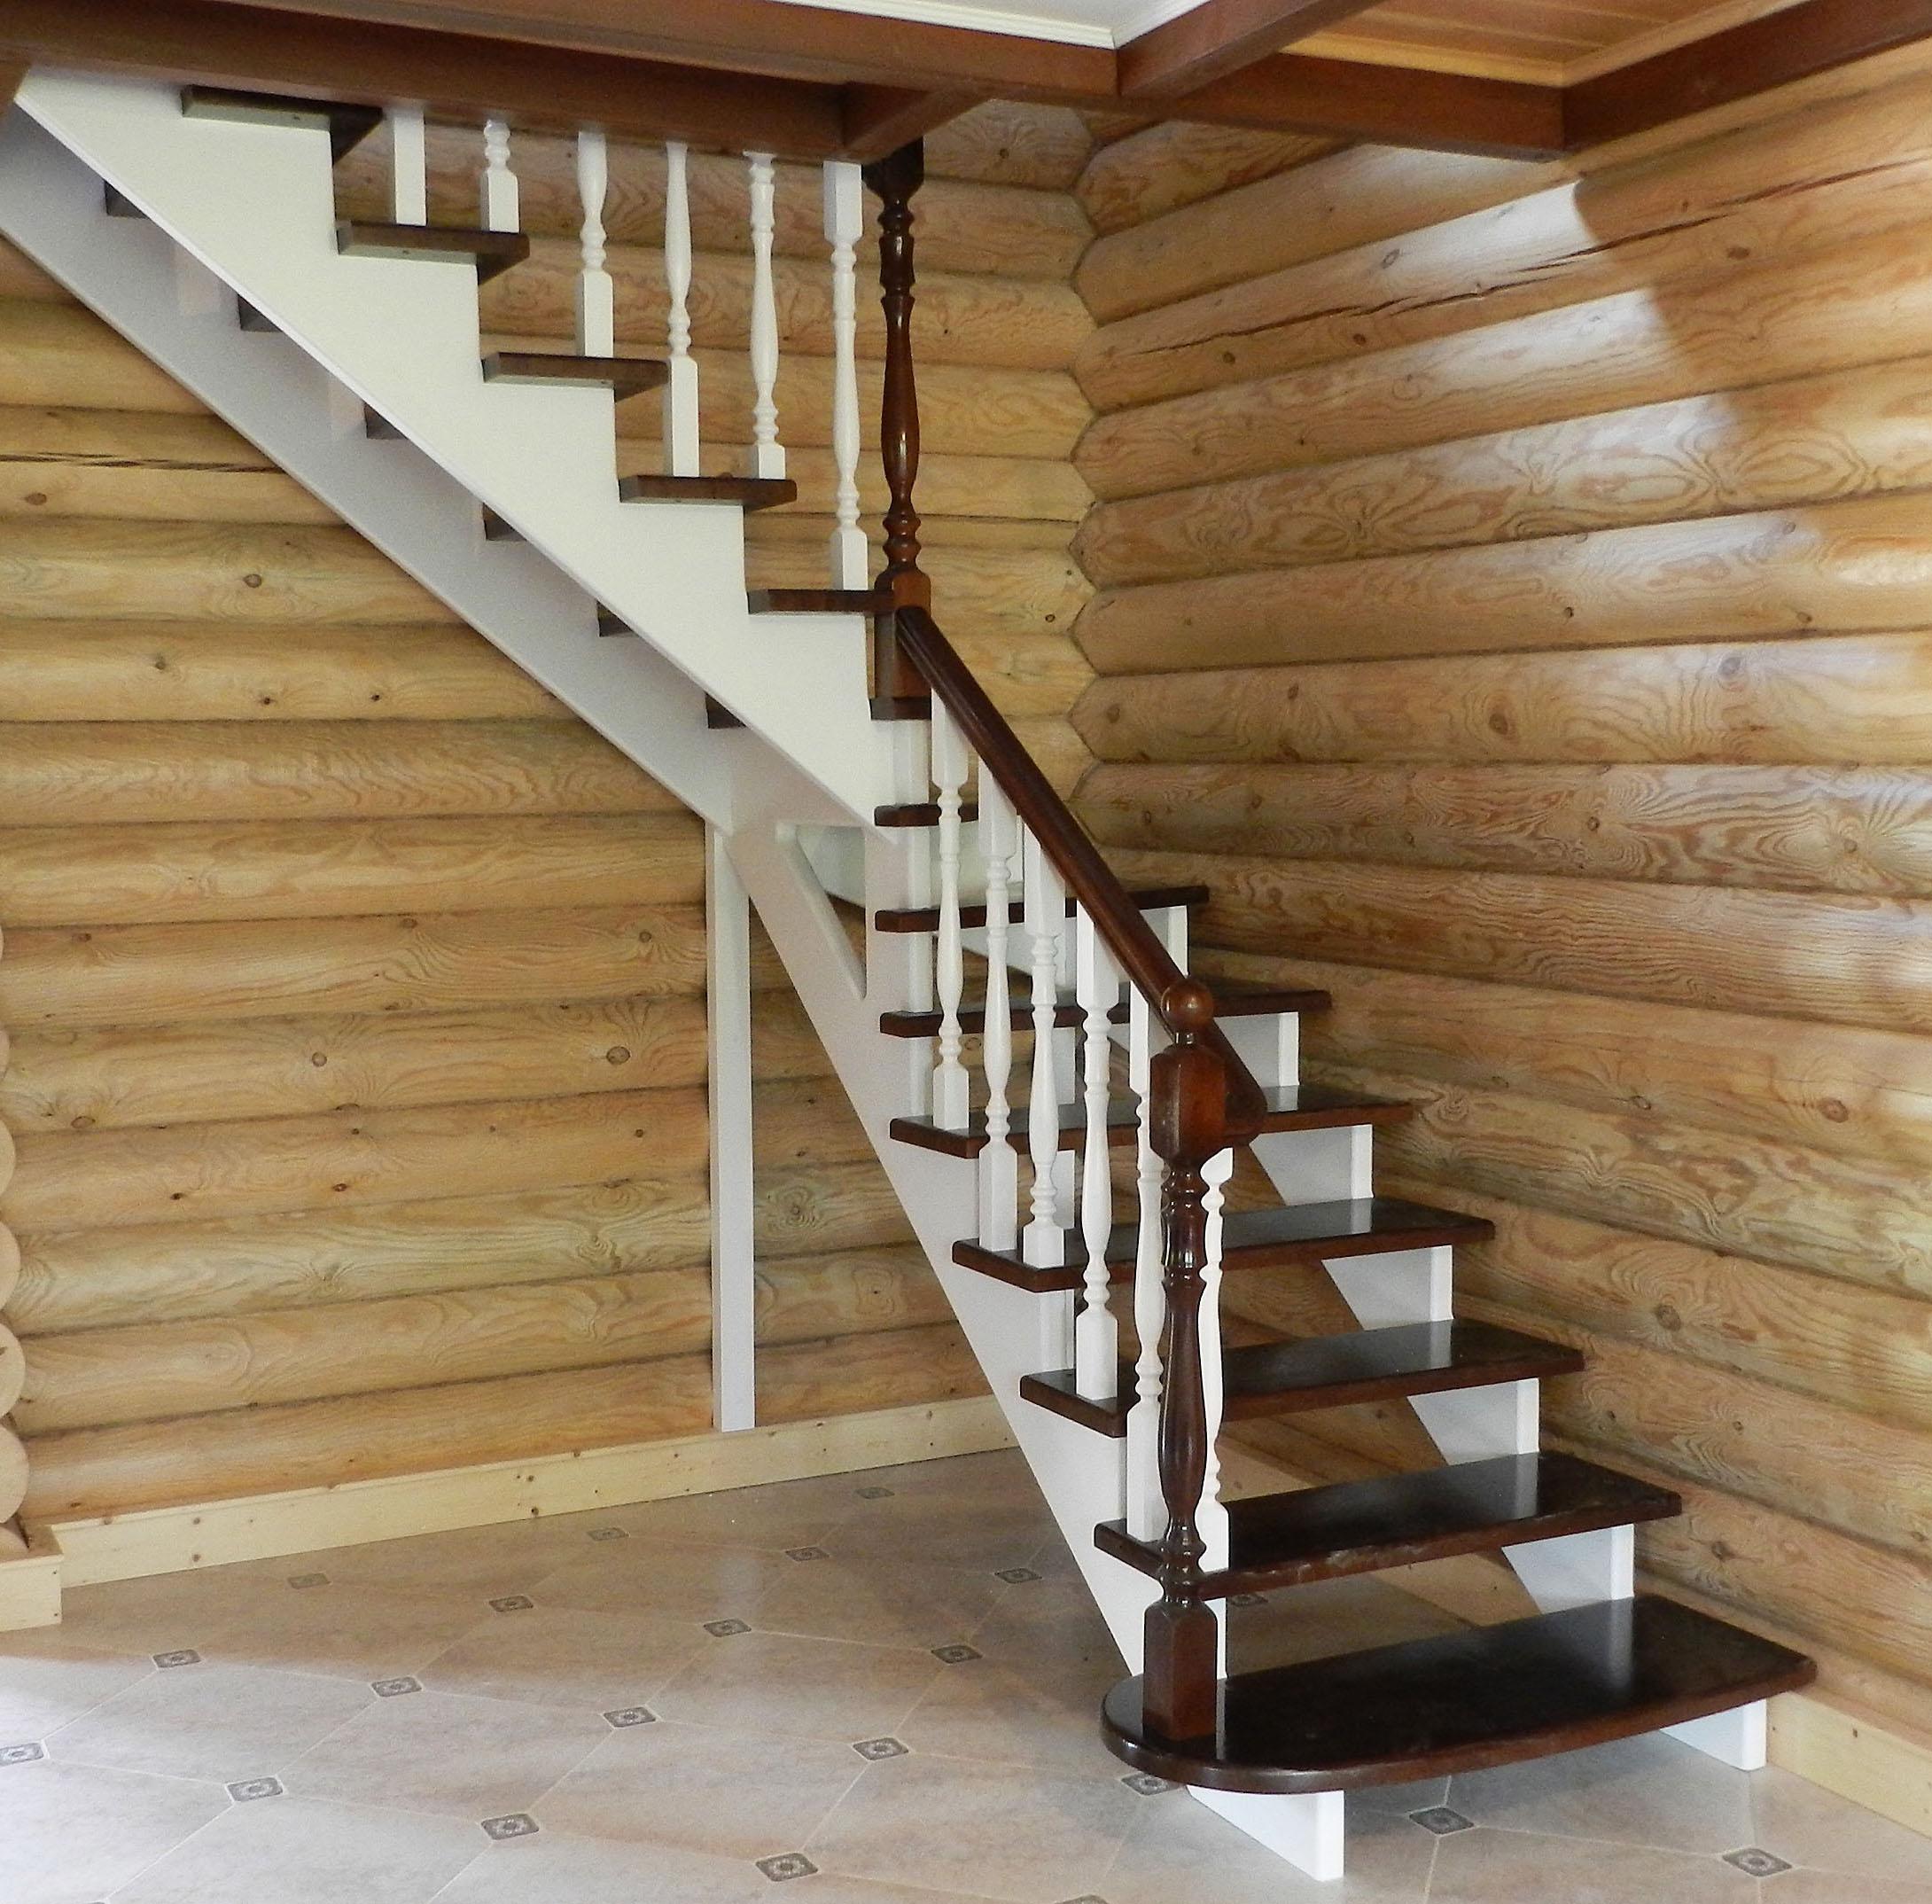 Koliko stane namestitev lesene lestve